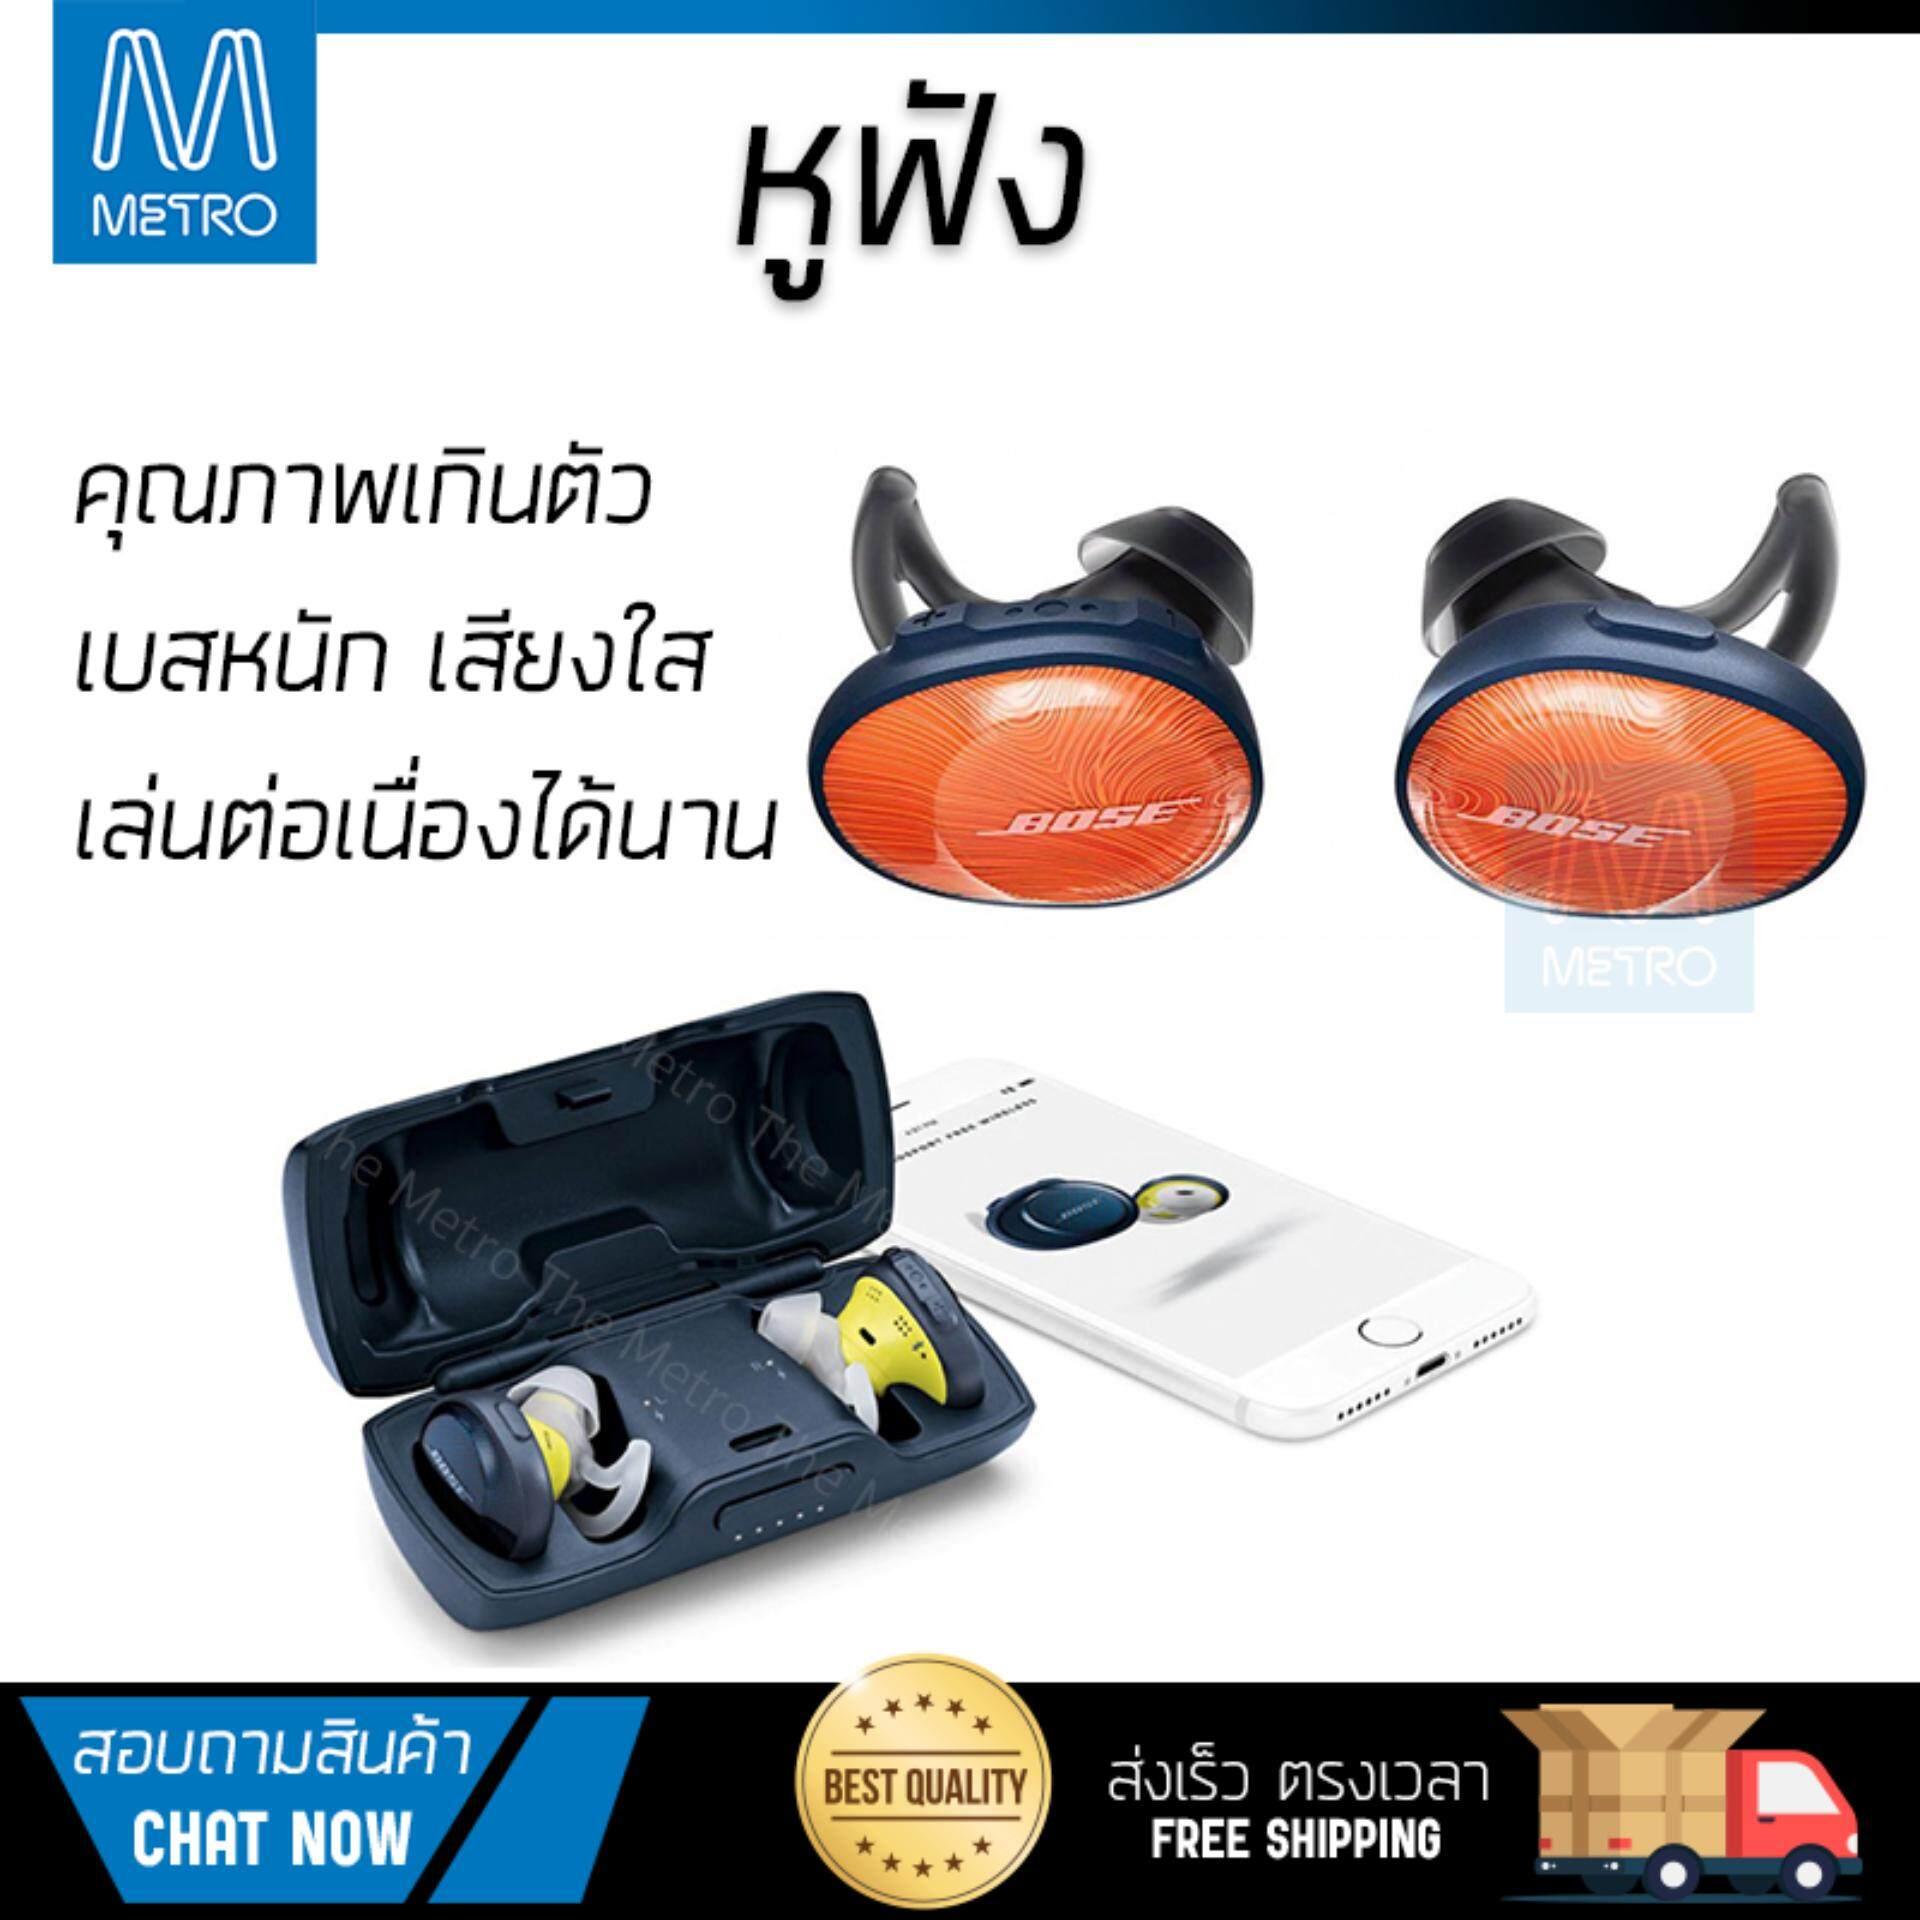 สอนใช้งาน  ตาก ของแท้ หูฟัง Bose SoundSport Free Wireless Headphones Orange เบสหนัก เสียงใส คุณภาพเกินตัว Headphone รับประกัน 1 ปี จัดส่งฟรีทั่วประเทศ